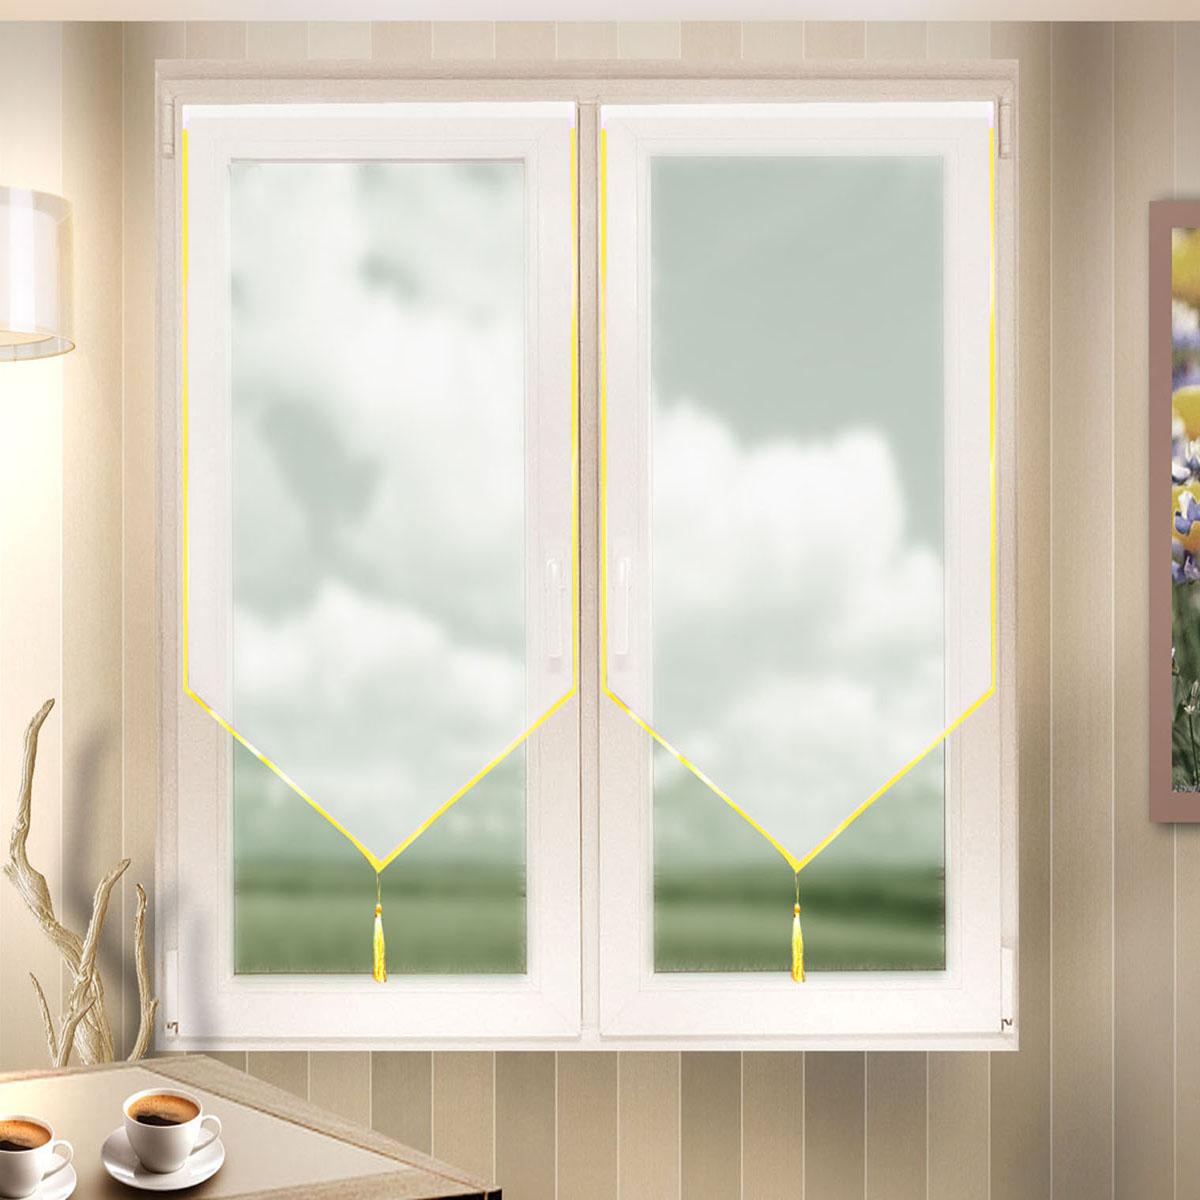 Гардина Zlata Korunka, цвет: белый, ширина 60 см, высота 120 см. 666022/1666022/1Лучшая альтернатива рулонным шторам на кухне – шторы на липкой ленте. Особенность этих штор заключается в том, что они имеют липкую основу в месте крепления . Лента или основа надежно и быстро крепится на раму окна, а на нее фиксируется сама штора. Размеры: ширина 60* высота 120